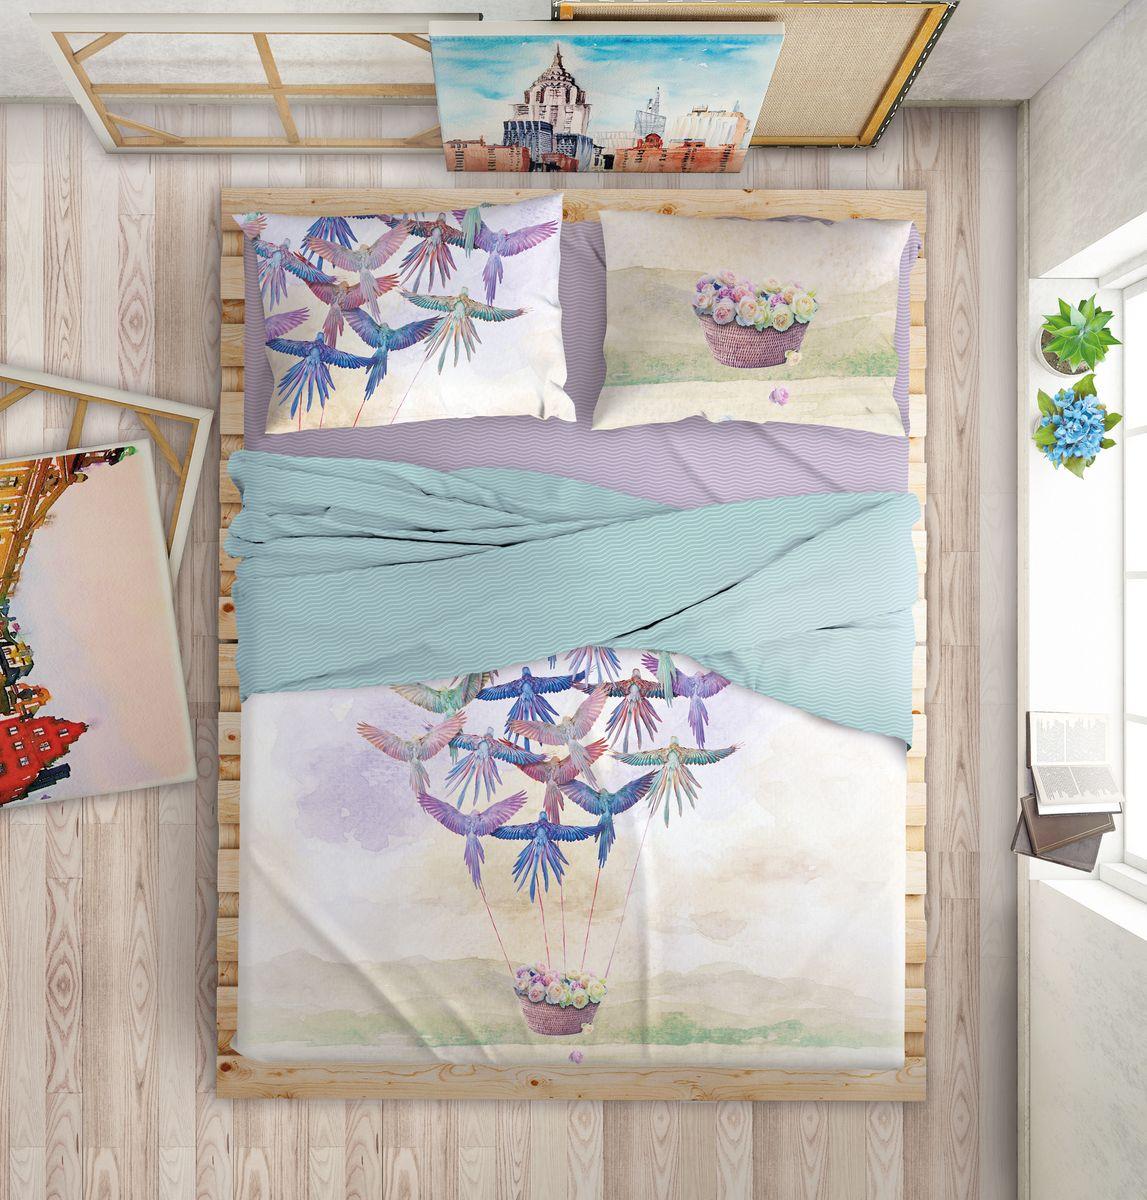 Комплект белья Love Me Happiness, 1,5-спальный, наволочки 50х70, цвет: синий, фиолетовый198973Международный бренд для молодых, современных, стильных. Love Me - бренд качественного постельного белья, для молодых людей, создающий ощущение комфорта, защищенности и уюта. При этом - модный, современный, стильный. Упаковка выполнена в оригинальном стиле - имитирует модель сумки Furla.